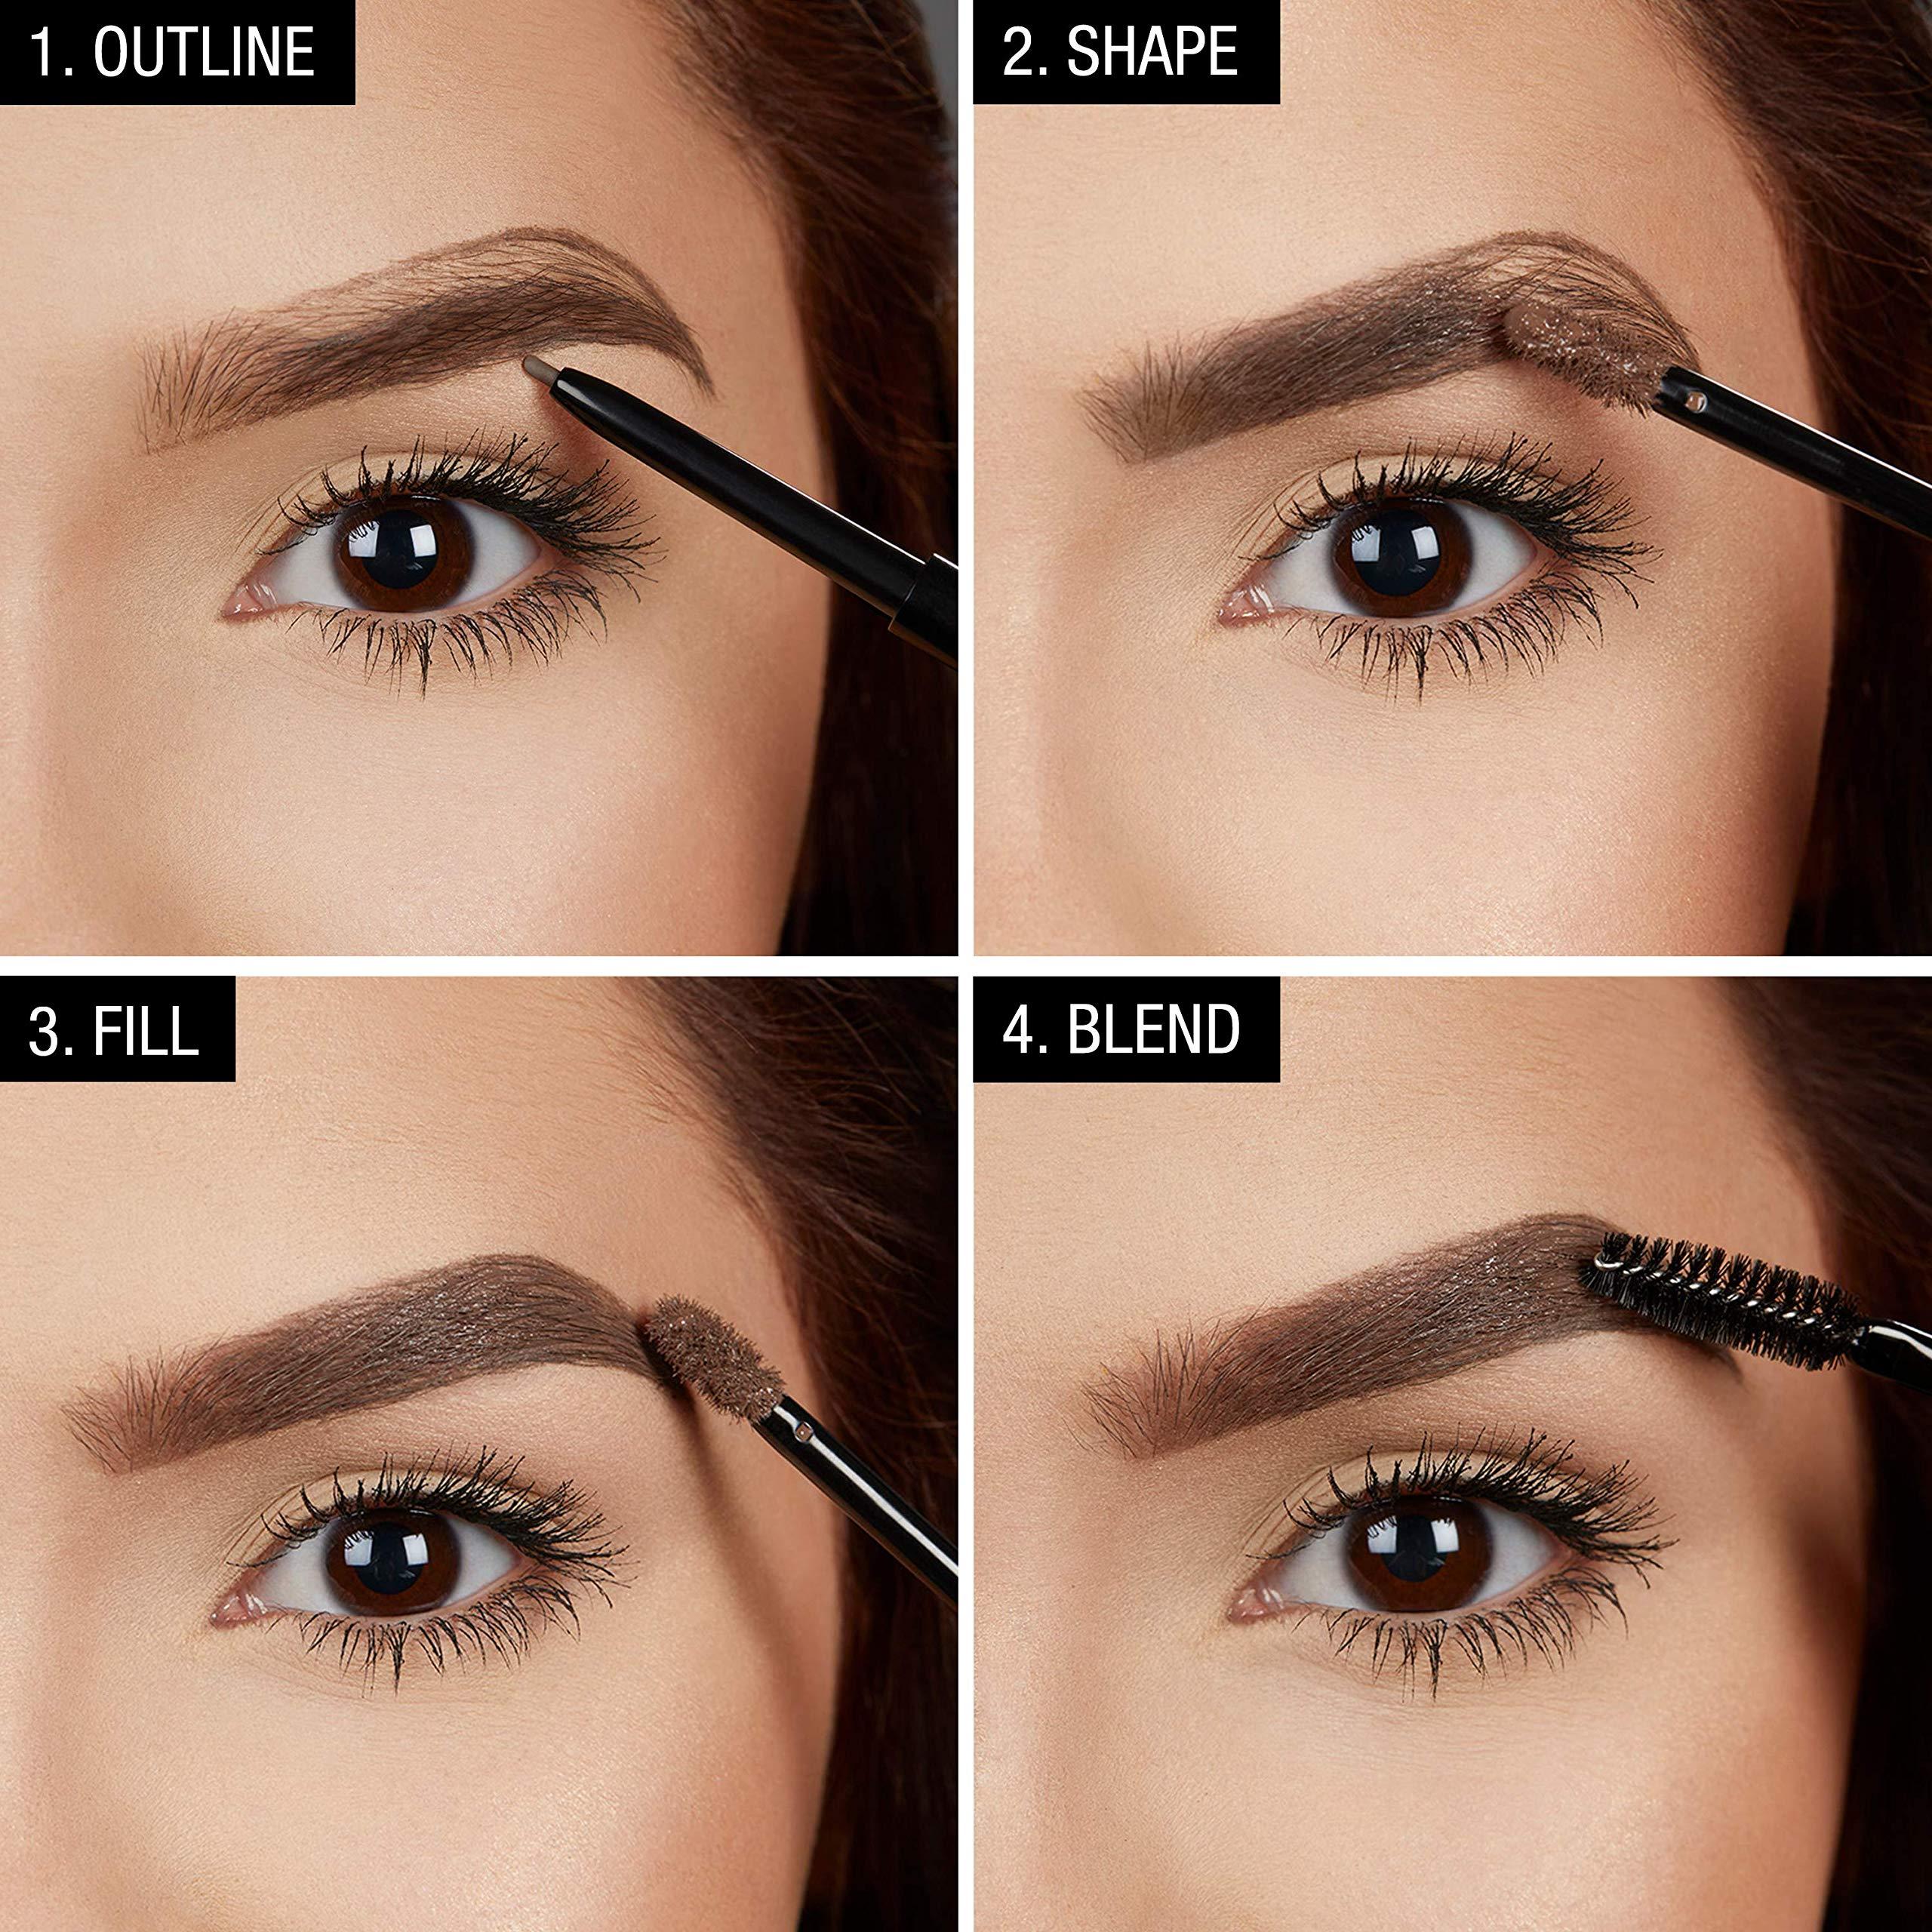 51aaee42e951 Maybelline New York TattooStudio Waterproof Eyebrow Gel Makeup, Medium Brown,  0.23 fl. oz. - K2709200 < Eyebrow Color < Beauty & Personal Care - tibs